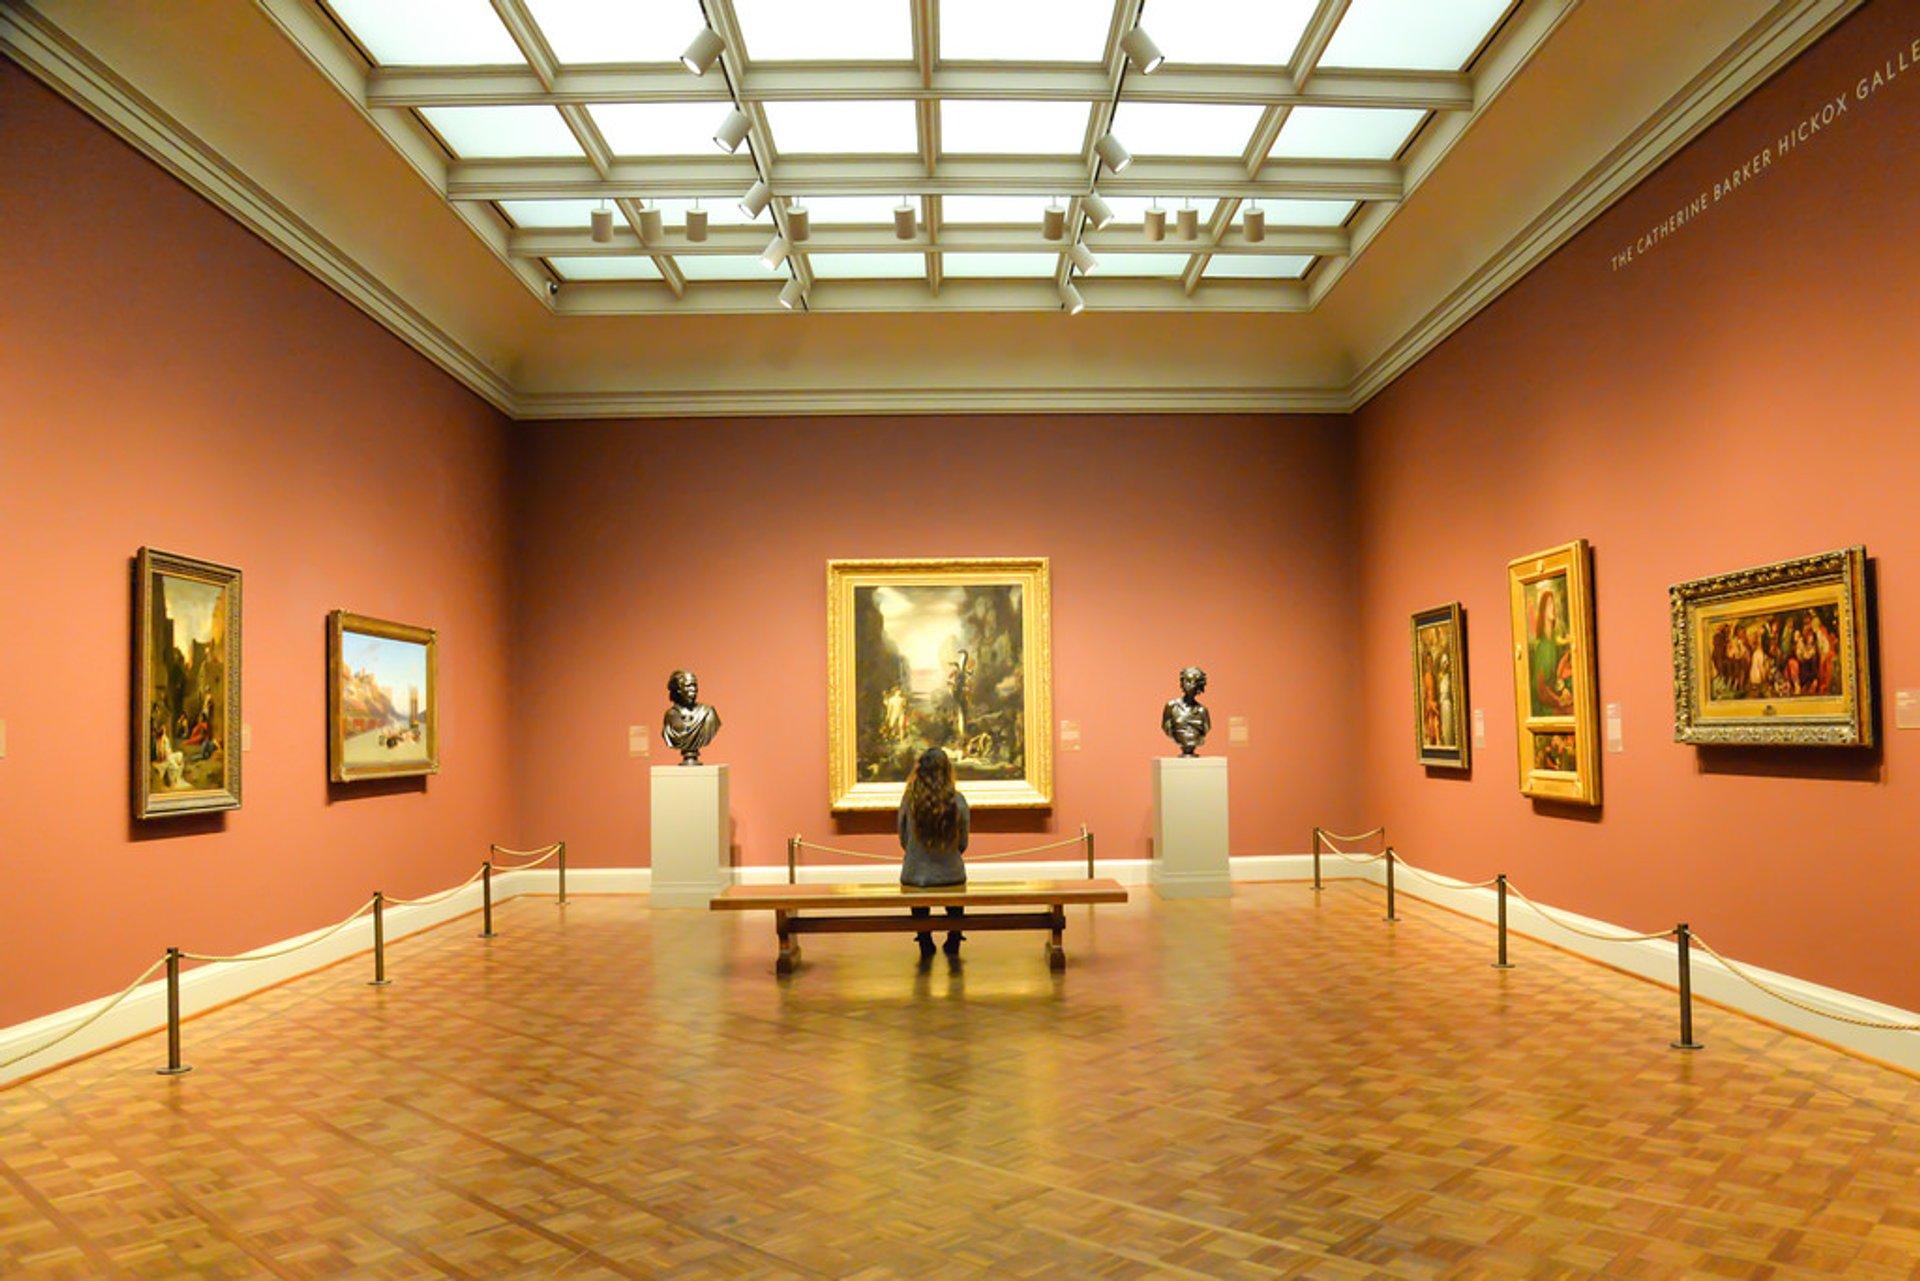 Art Institute of Chicago 2020